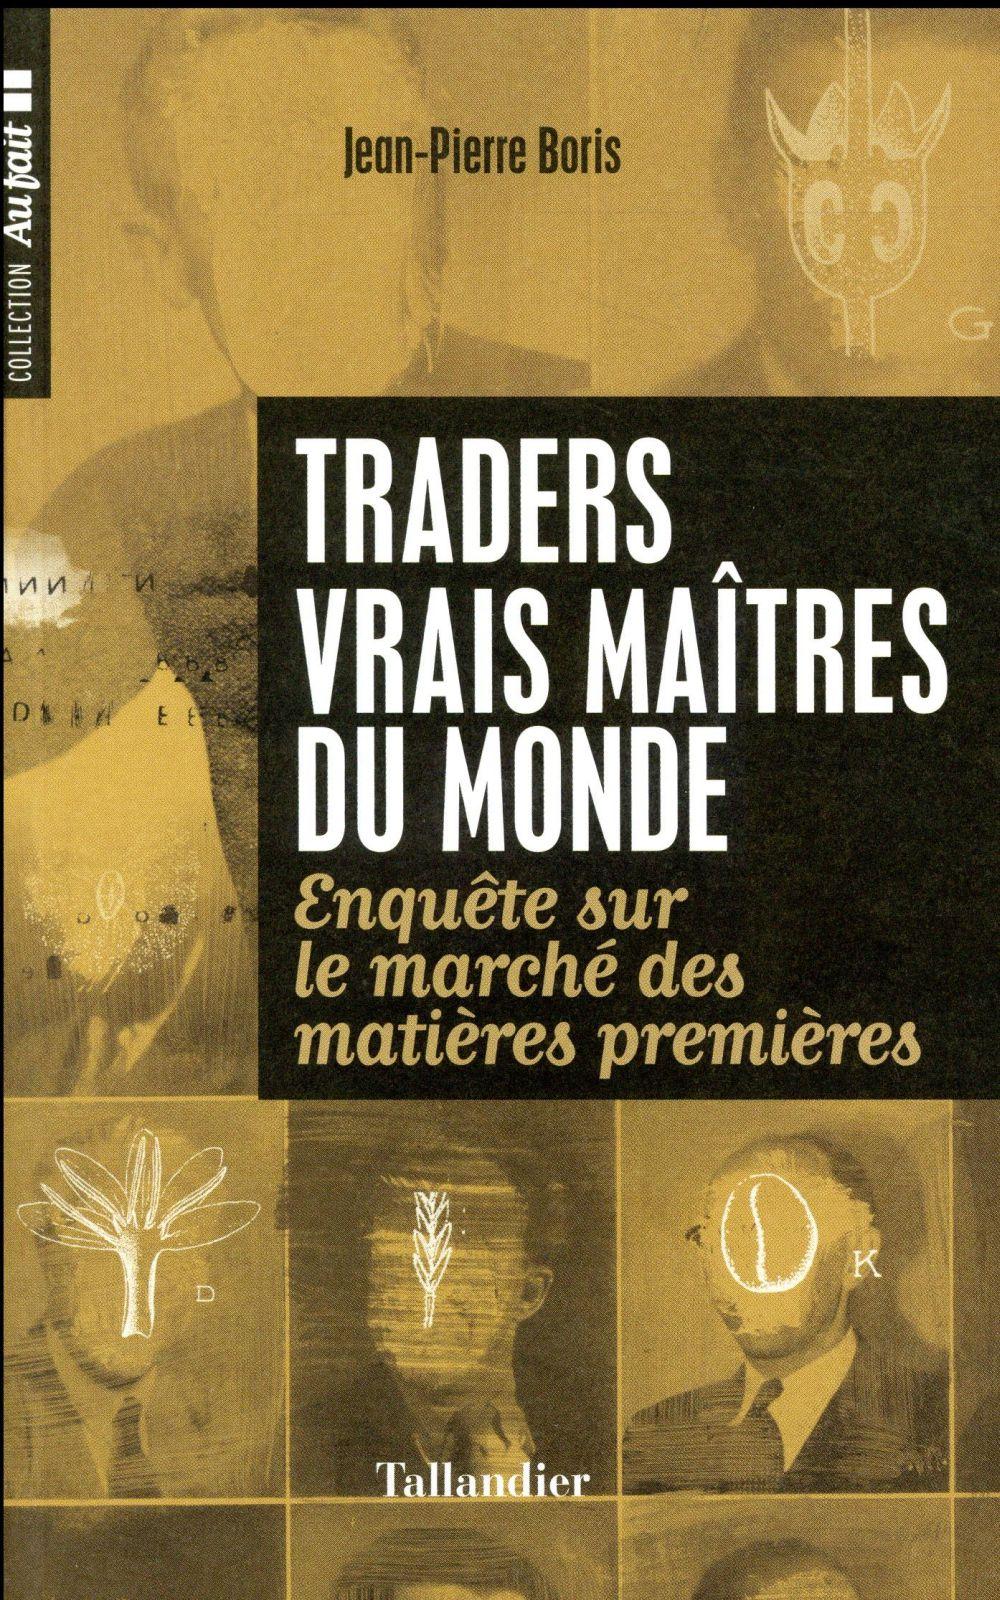 traders vrais maitres du monde ; enquête sur les traders de matières premières